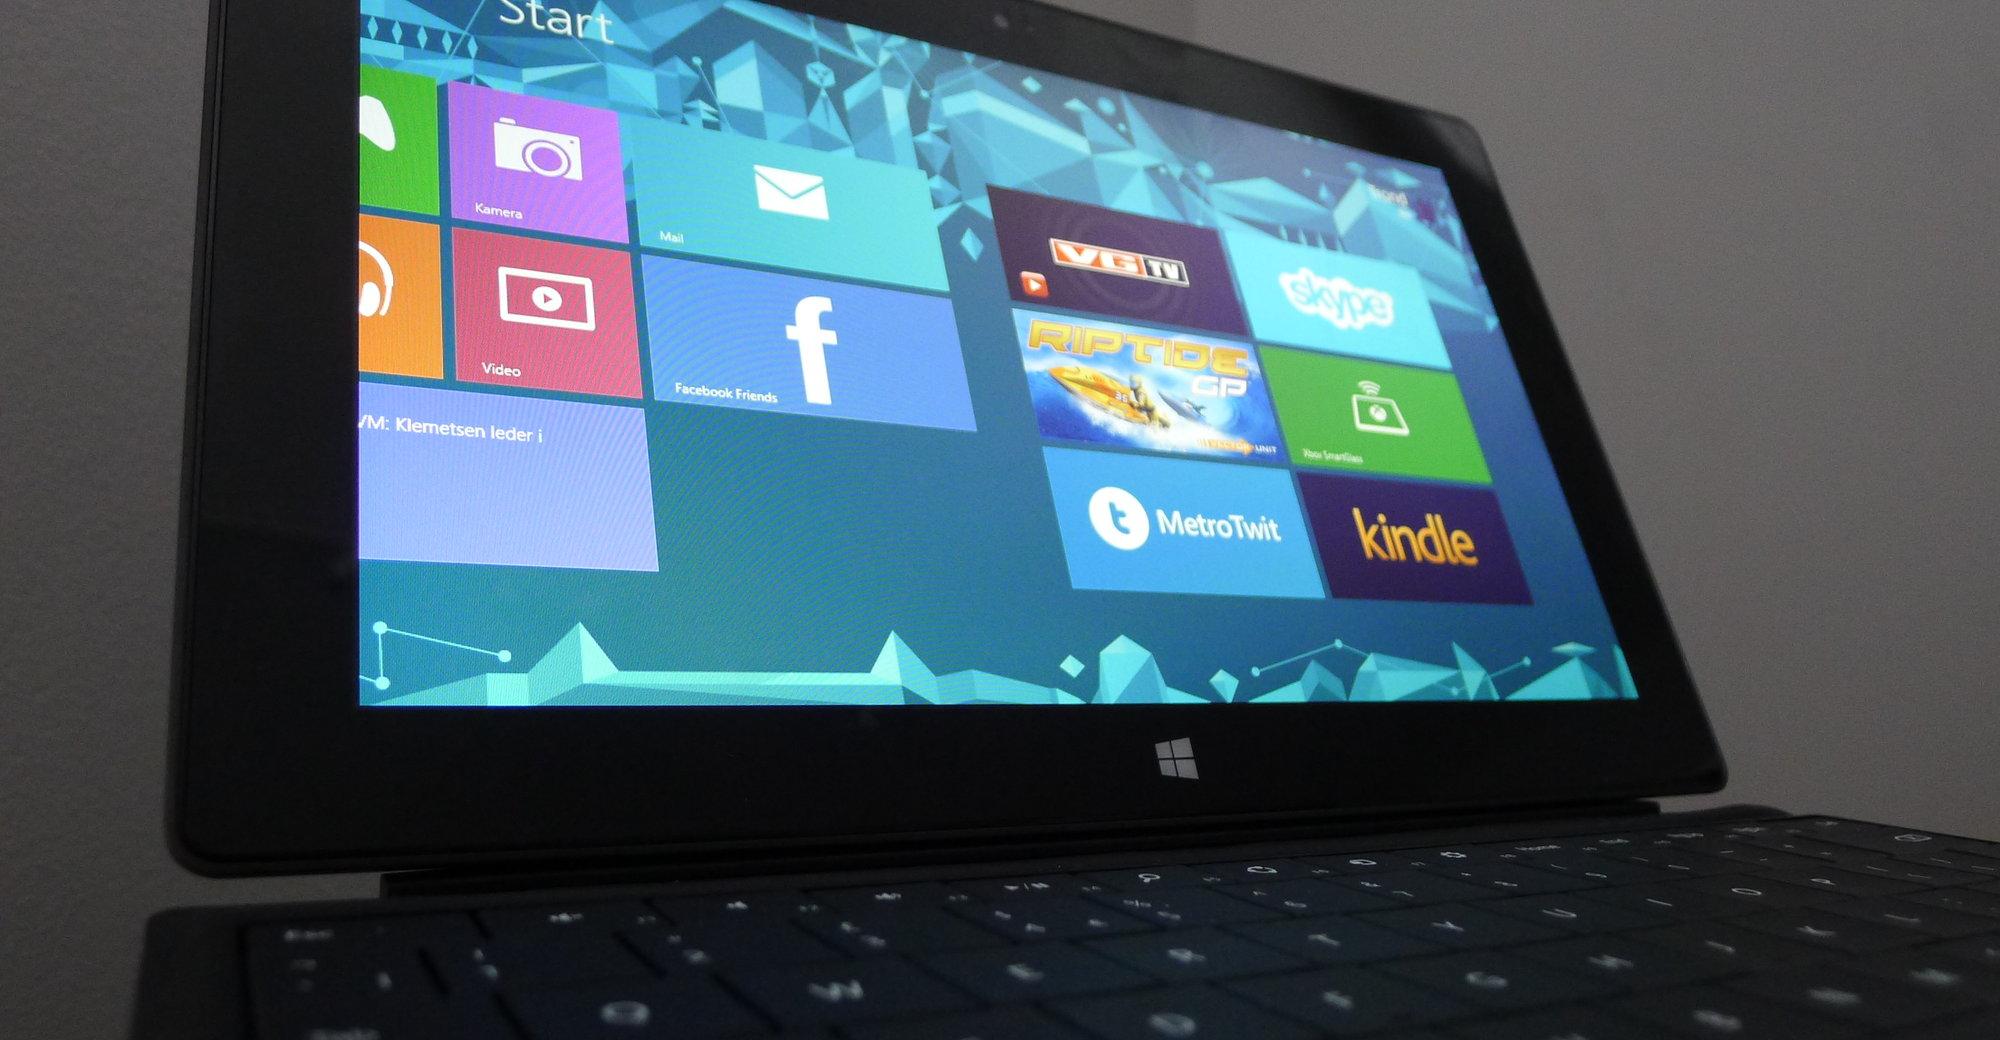 Surface RT er ikke annet enn et kompromiss på alle måter, selv om Microsoft vil ha deg til å tro det stikk motsatte. App-utvalget er elendig og OS-et med sitt Metro-brukergrensesnitt leverer en stiv opplæringskurve som ikke gir langt nær like mye tilbake